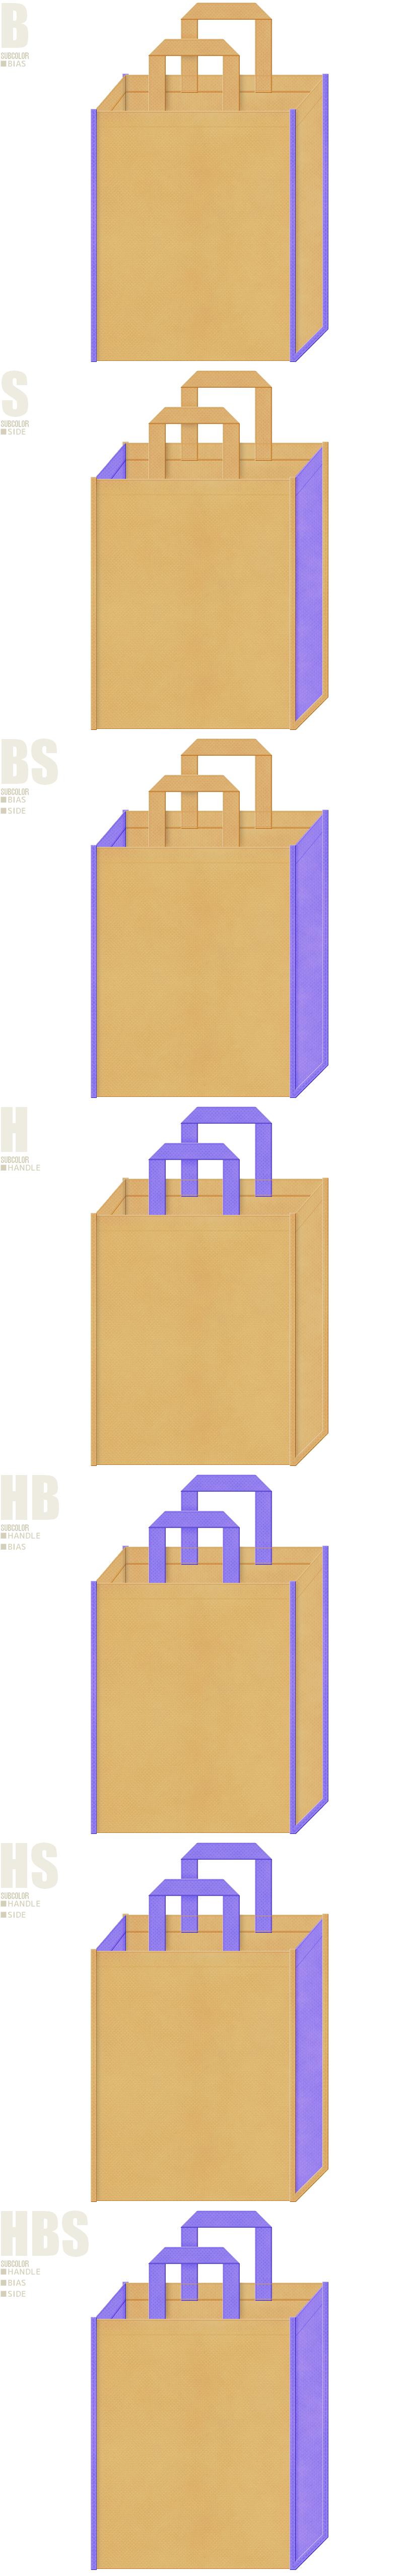 薄黄土色と明るめの紫色、7パターンの不織布トートバッグ配色デザイン例。